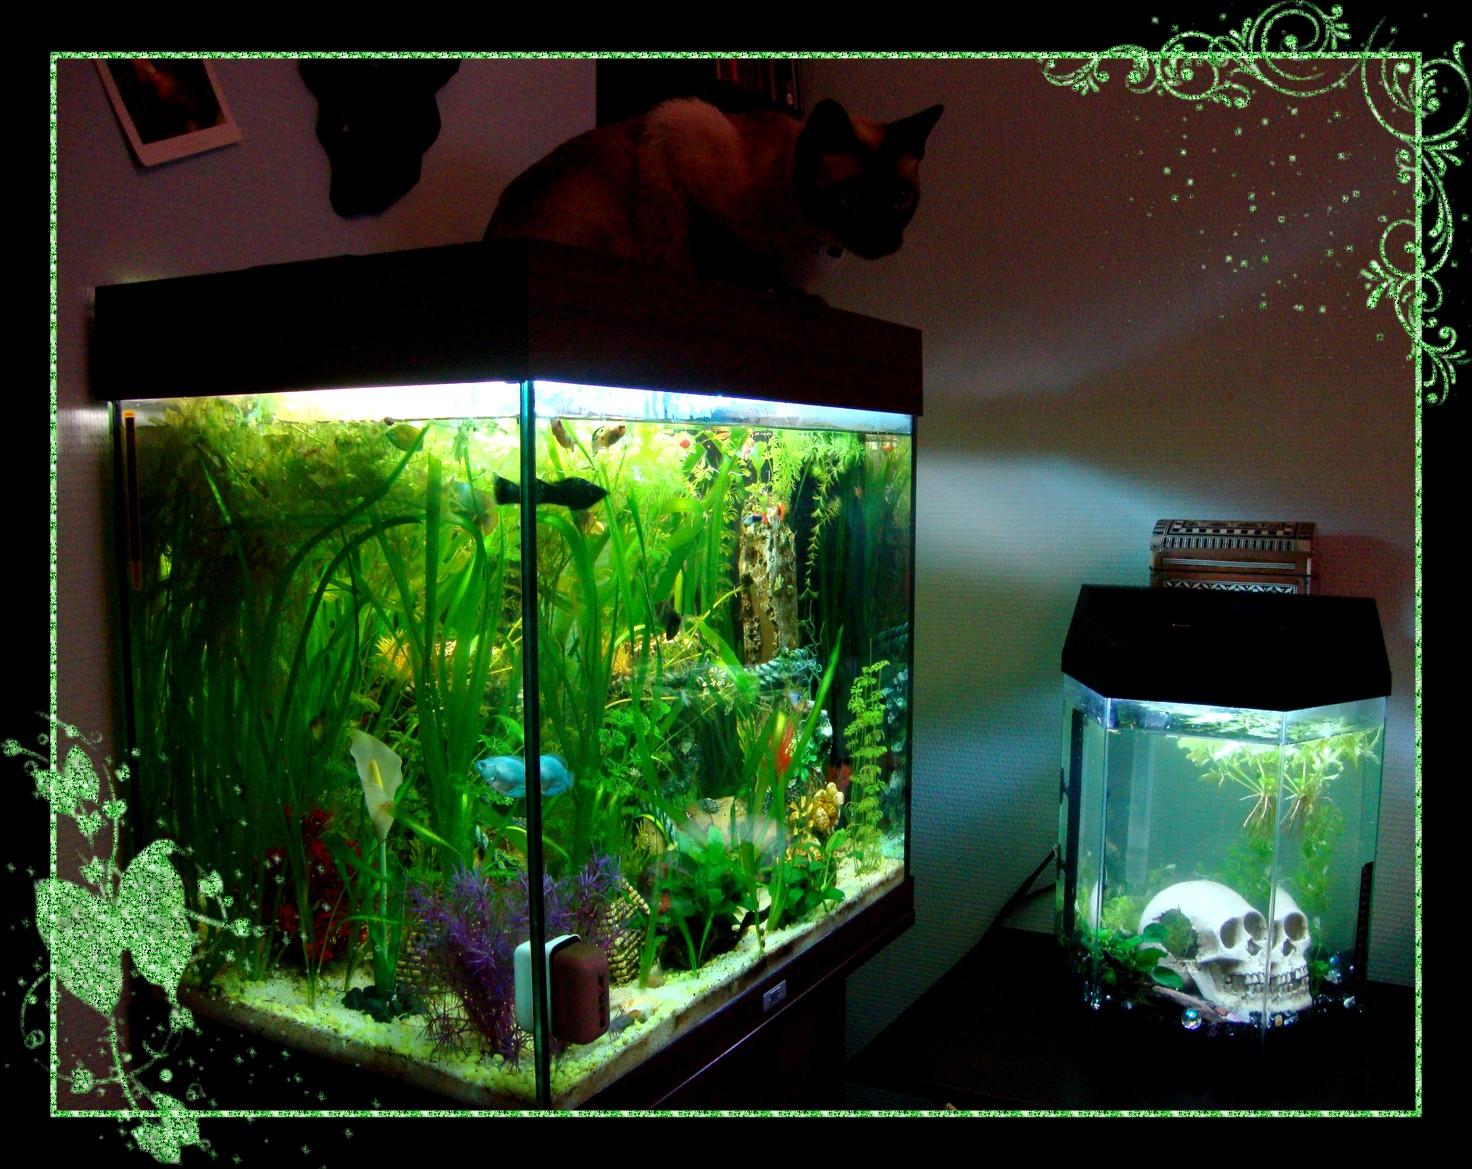 Bienvenue dans notre aquarium aquarium communautaire for Plante whisky